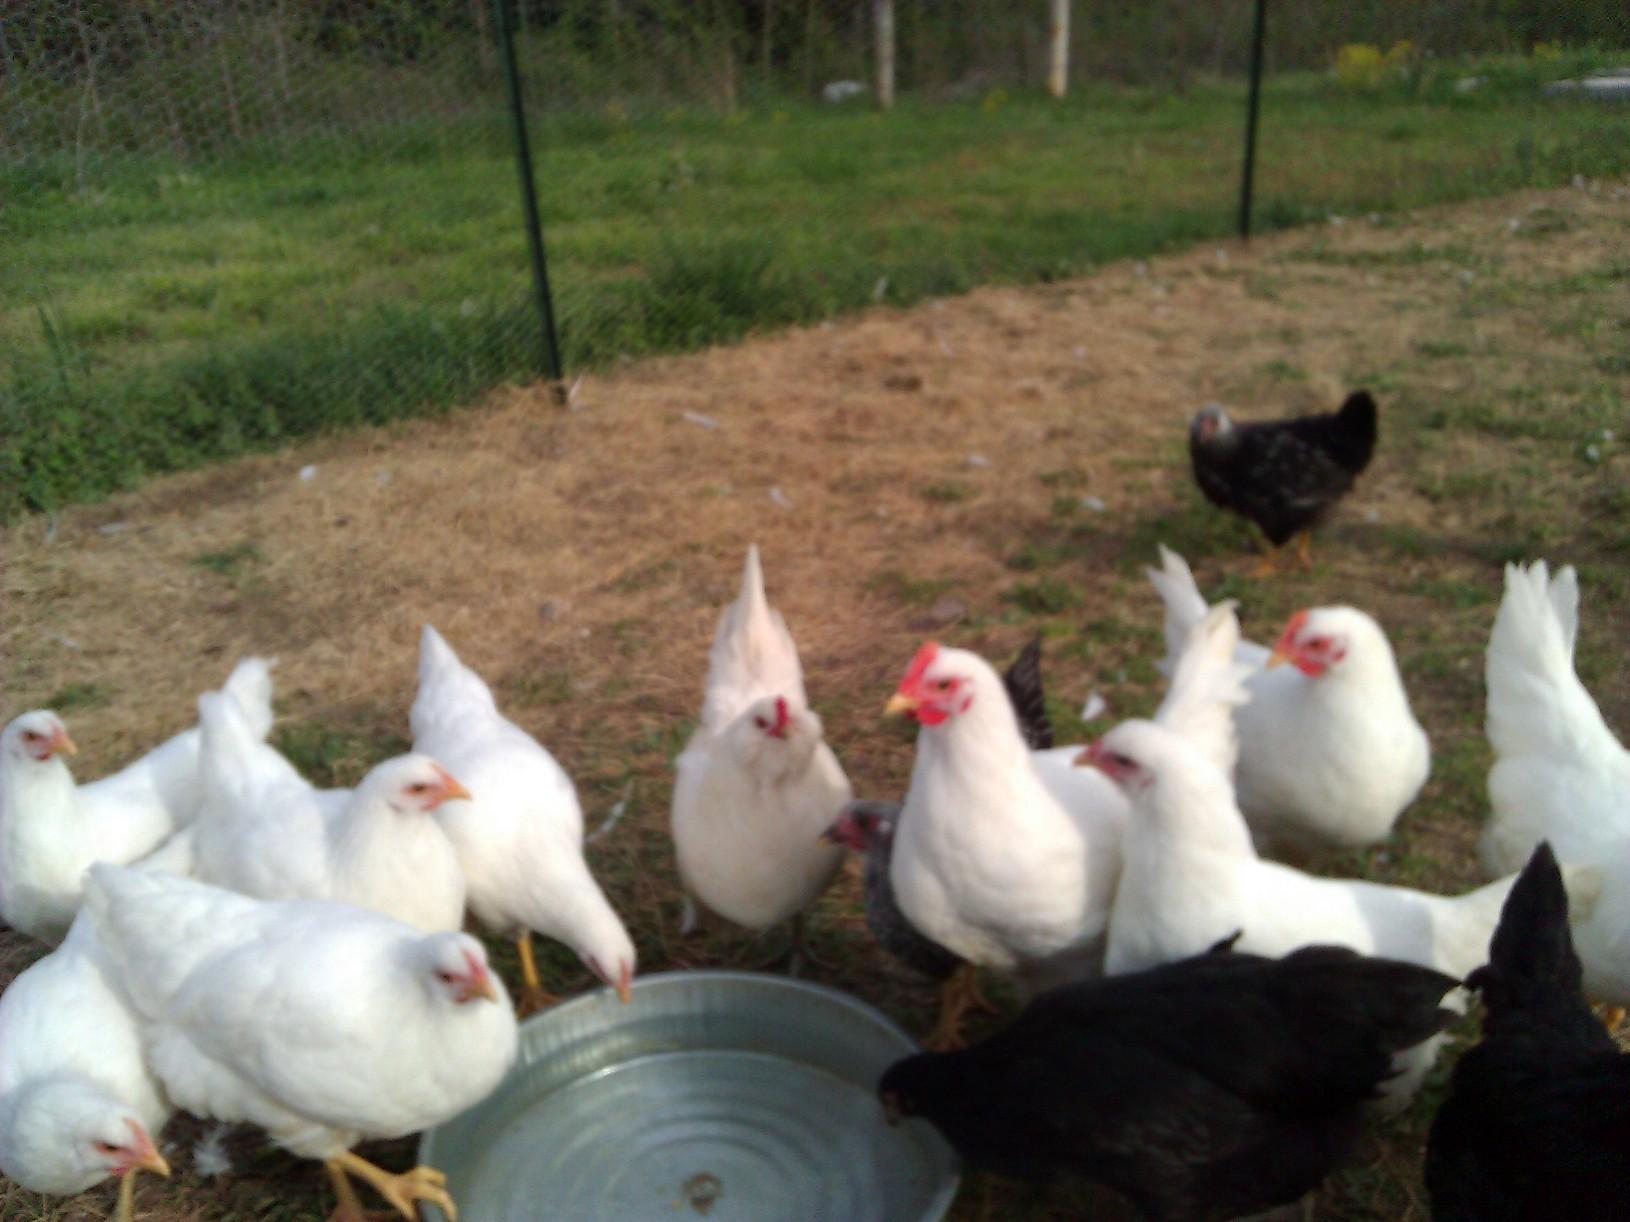 White Chicken Hen